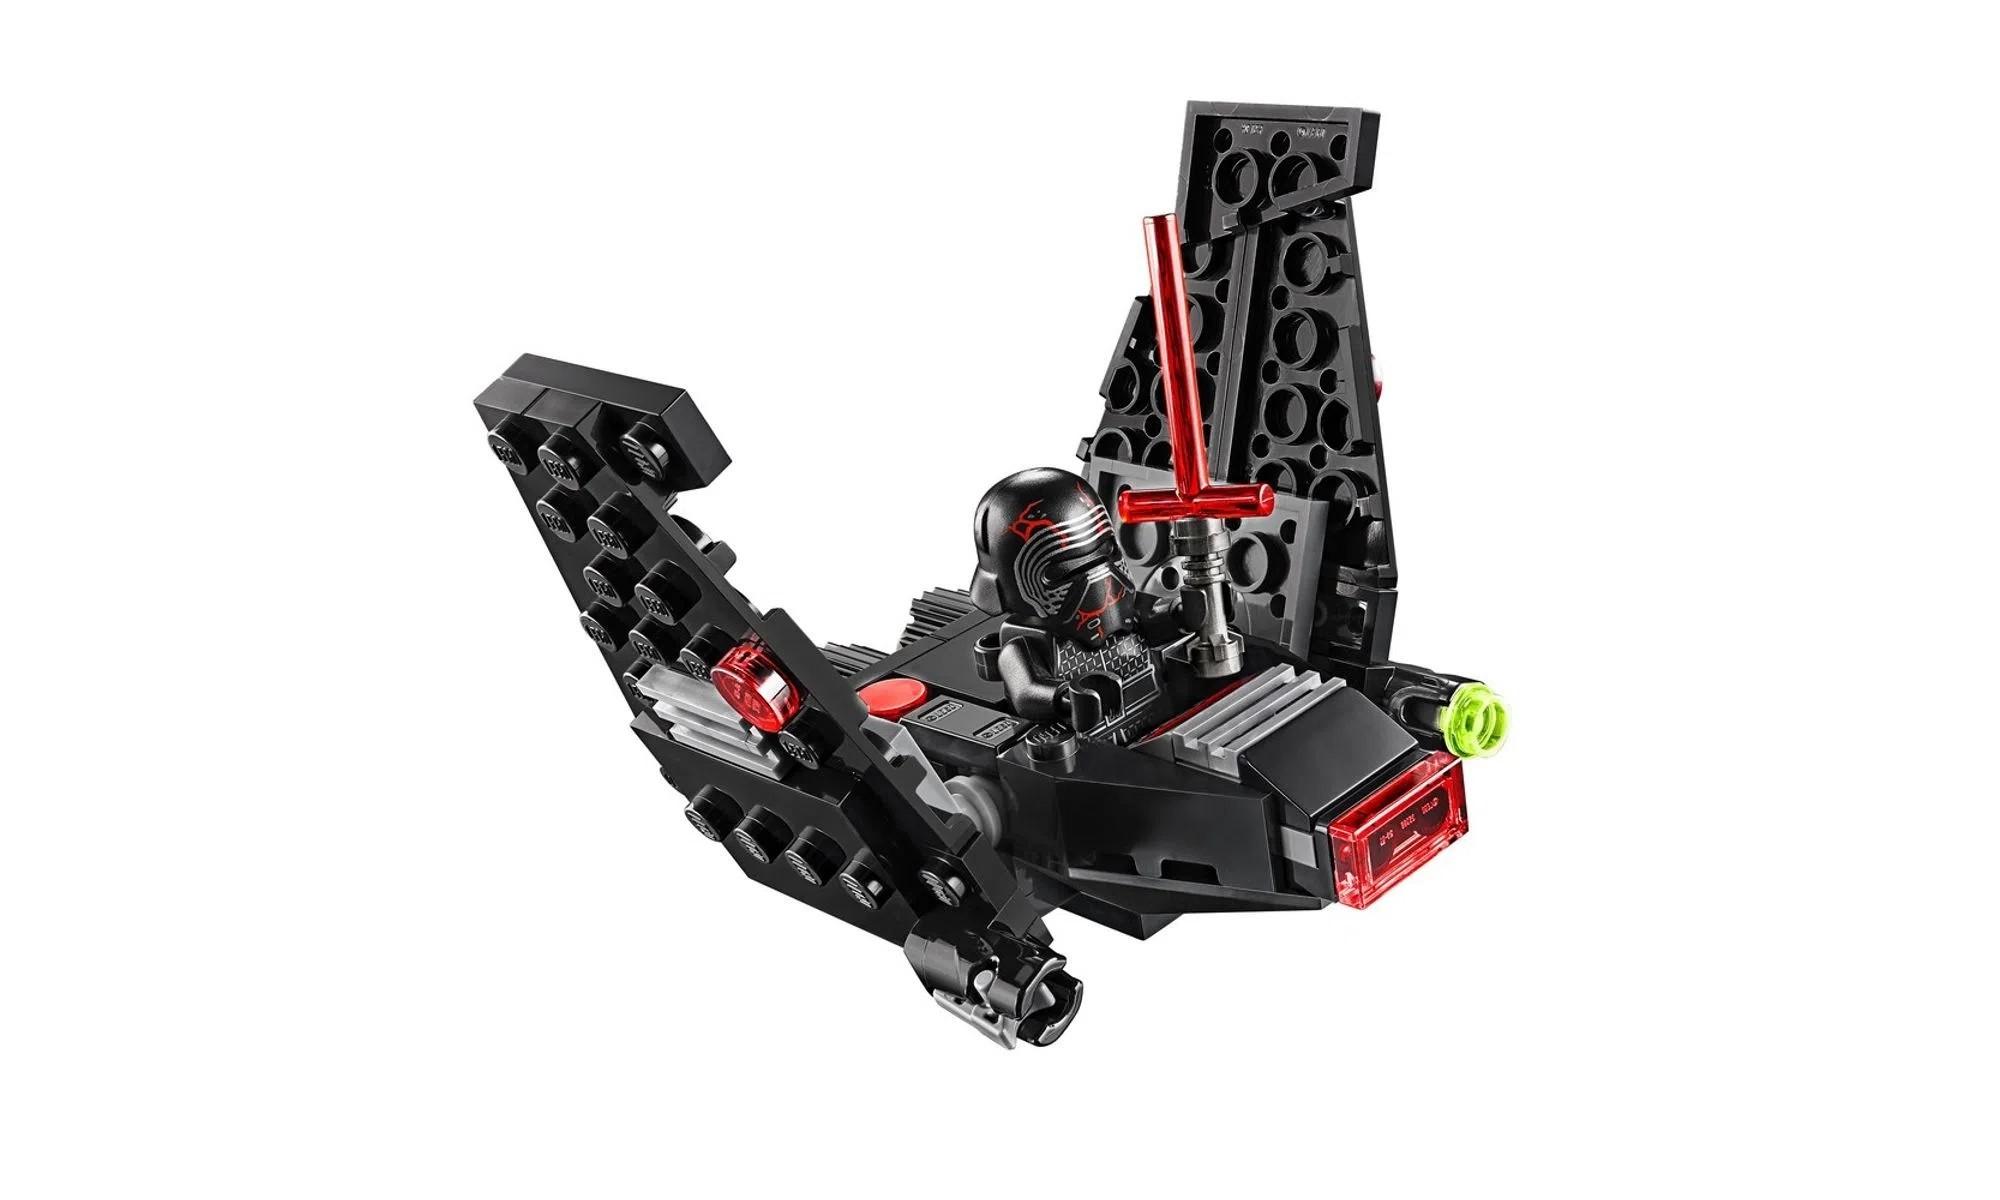 LEGO Star Wars Microfighter Ônibus Espacial do Kylo Ren 75264